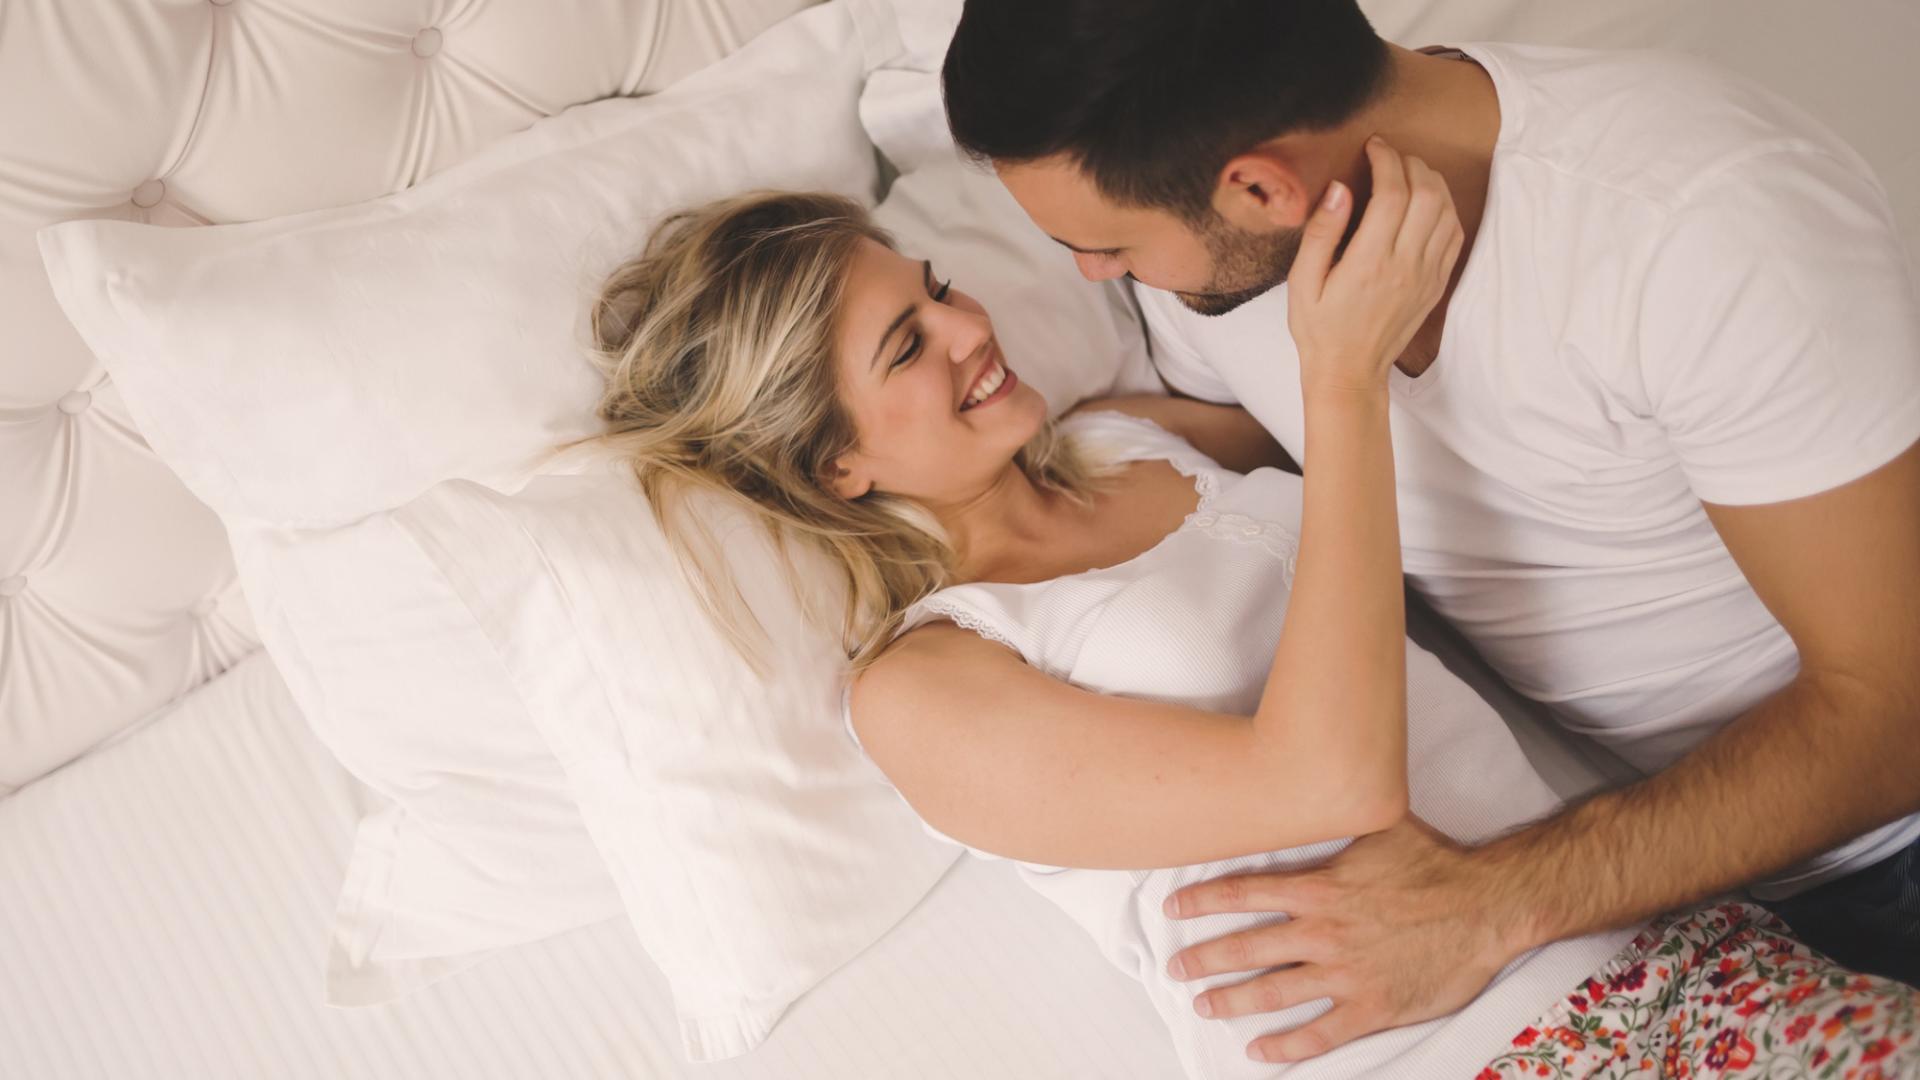 Schmutziger Sex